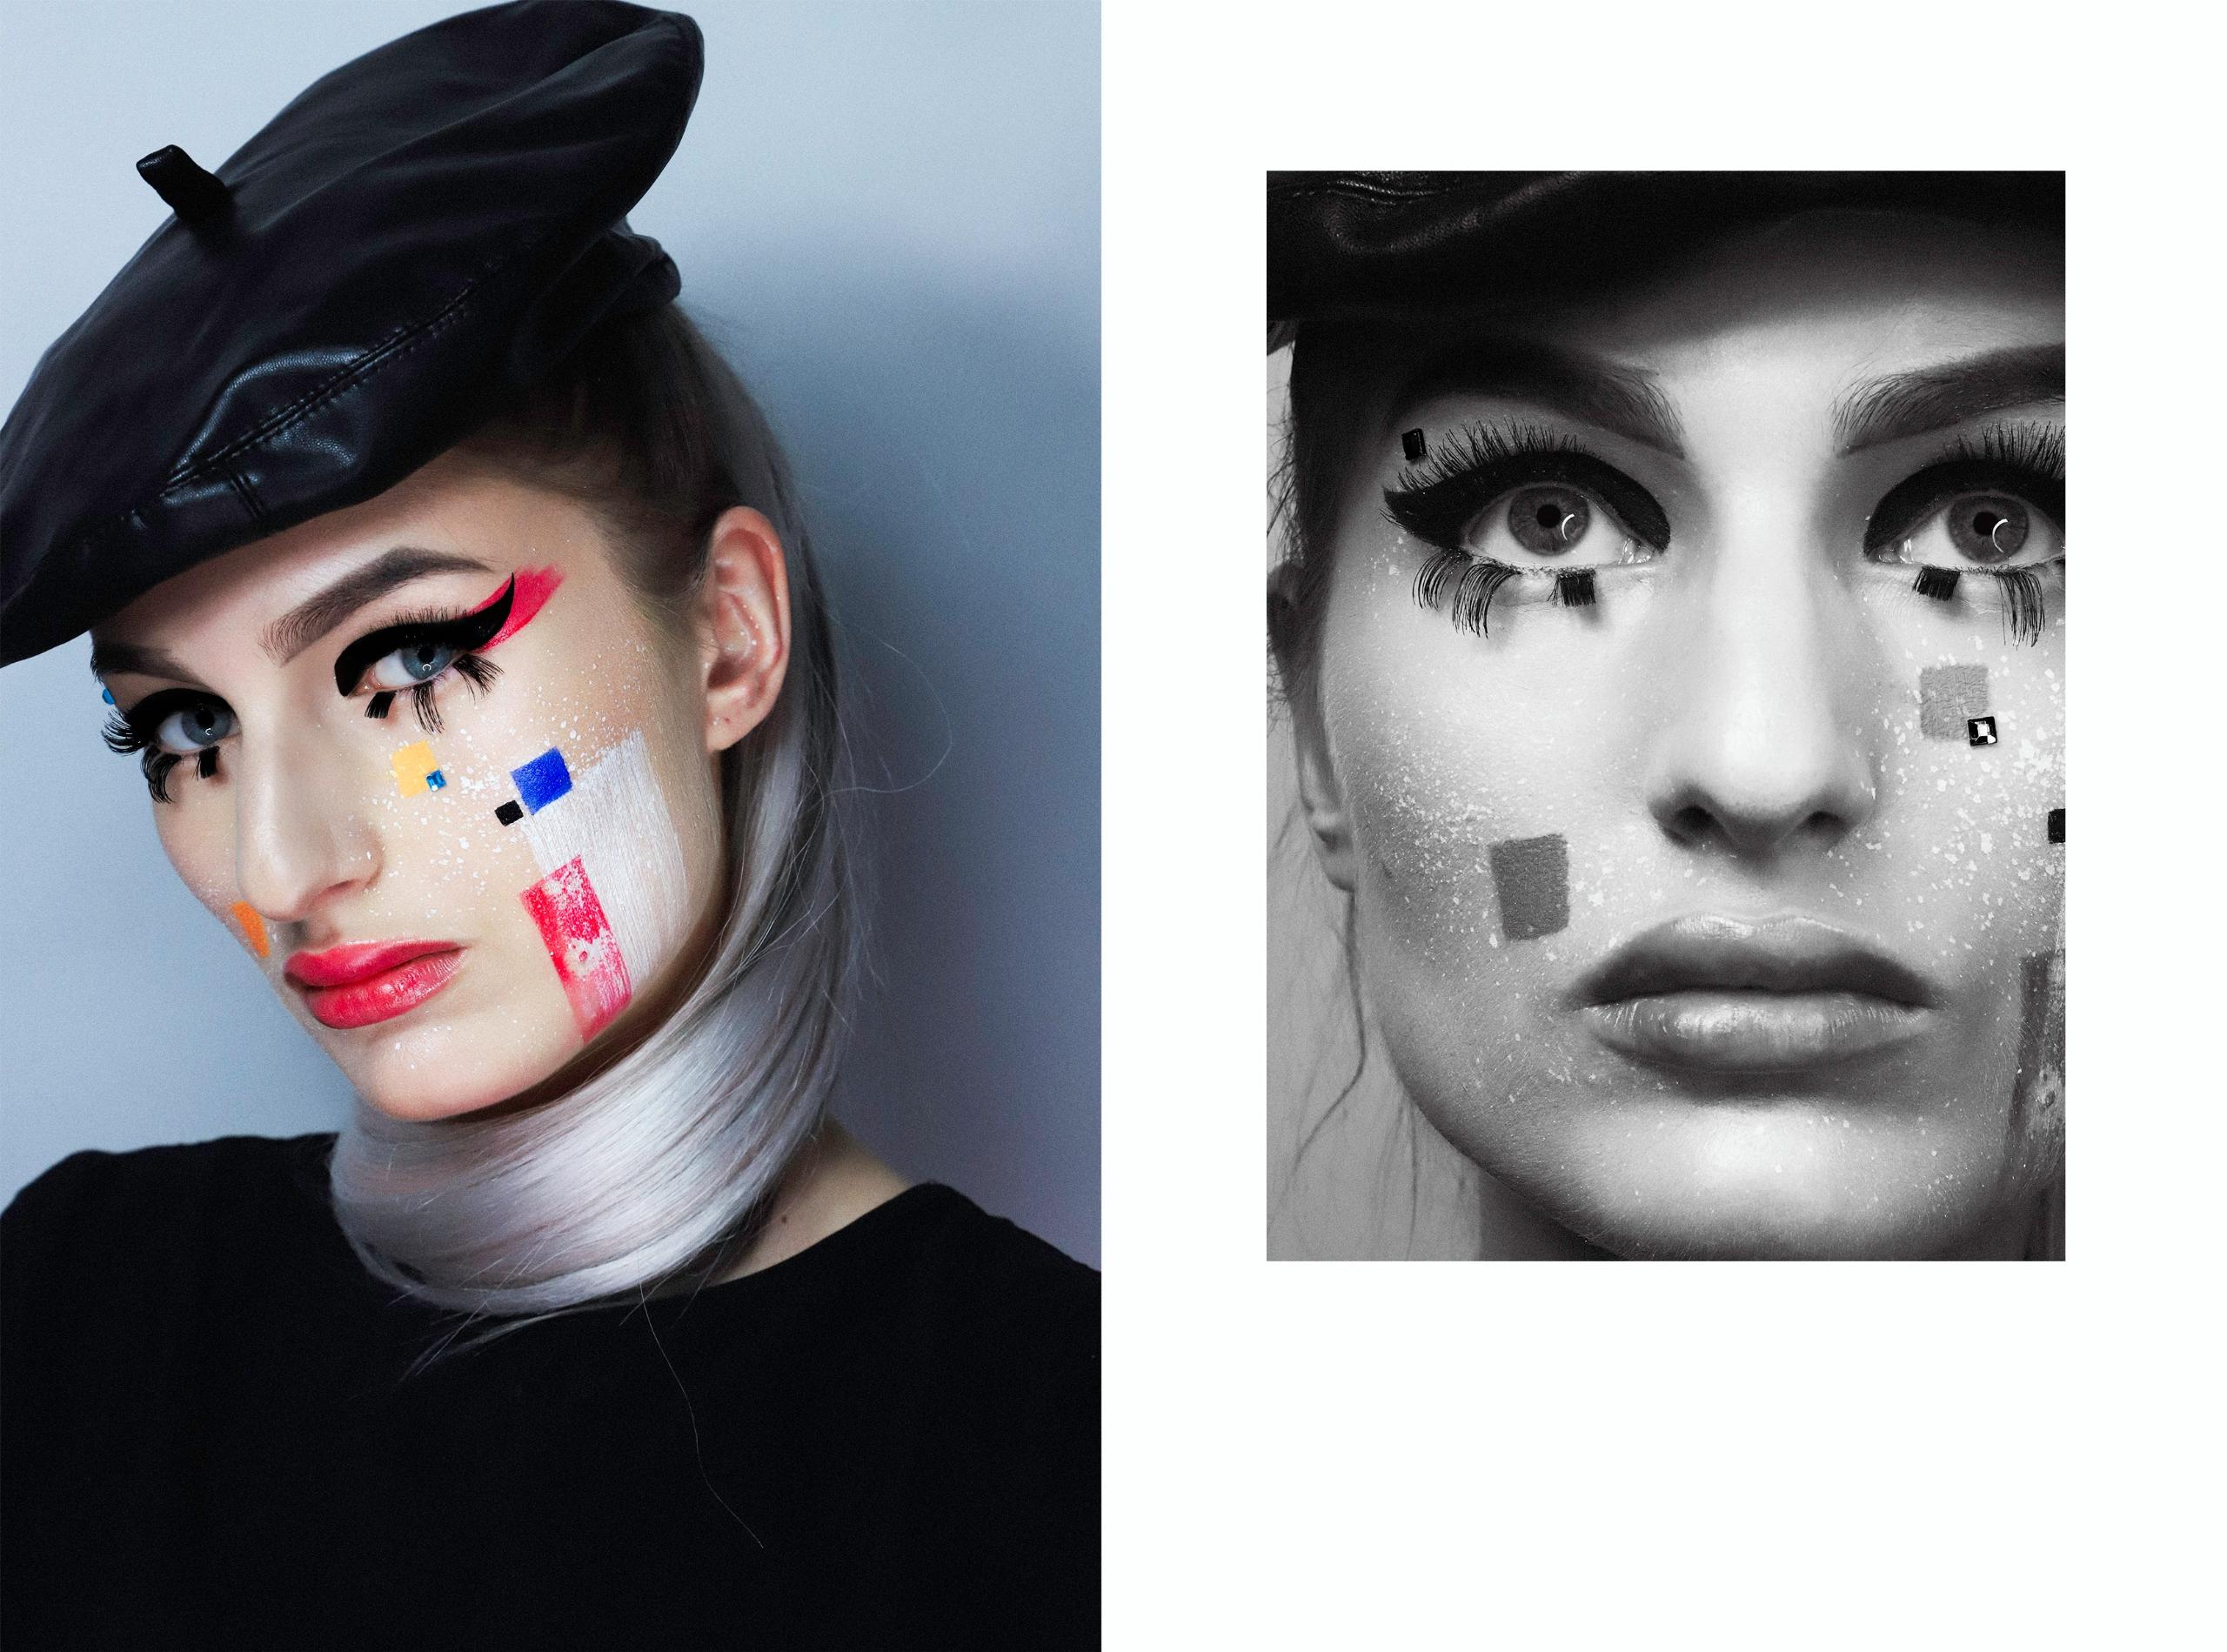 Obraz przedstawia dwa zdjęcia. Z lewej strony widzimy portret kobiety w czarnym berecie i artystycznym makijażu. Z prawej strony czarno-białe zdjęcie ukazuje jej twarz wpisaną w figurę geometryczną.